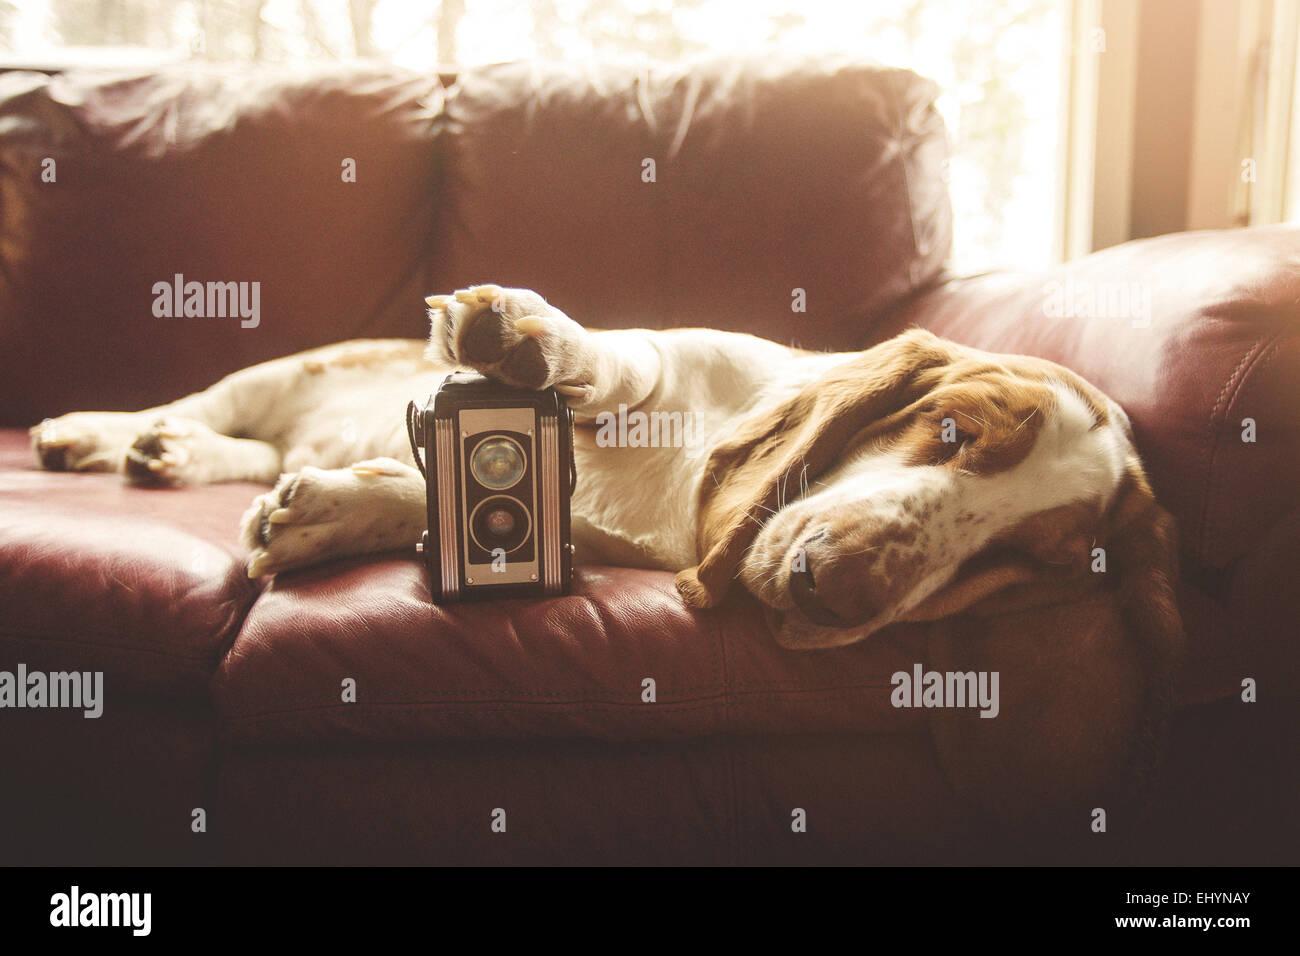 Perro tirado en el sofá con una cámara vintage Imagen De Stock